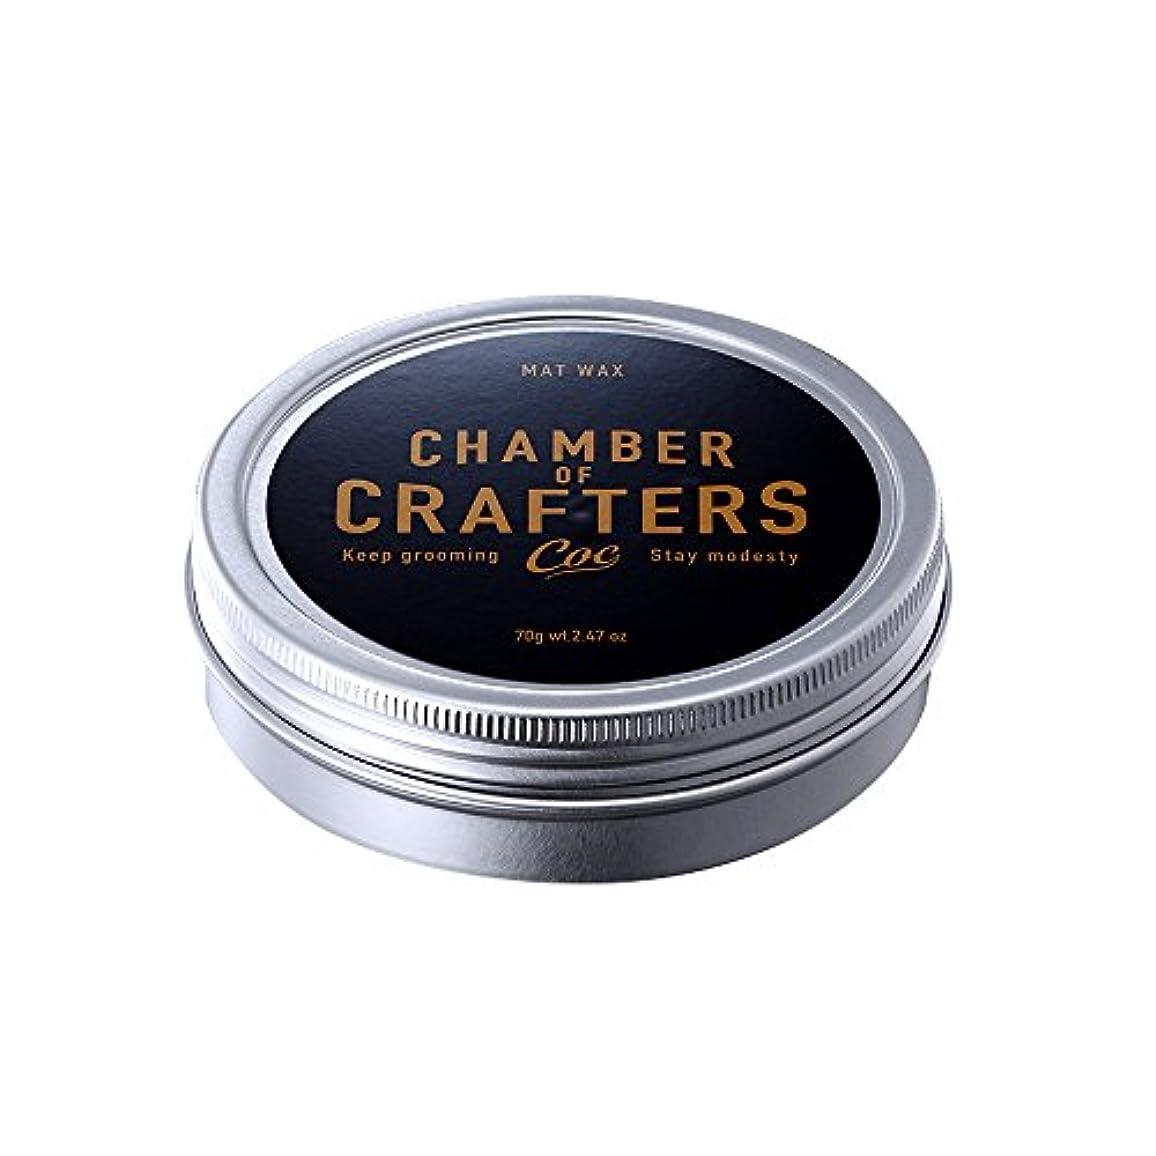 掃くピル熱望するCHAMBER OF CRAFTERS チェンバーオブクラフターズ マットワックス 70g シトラスグリーンの香り